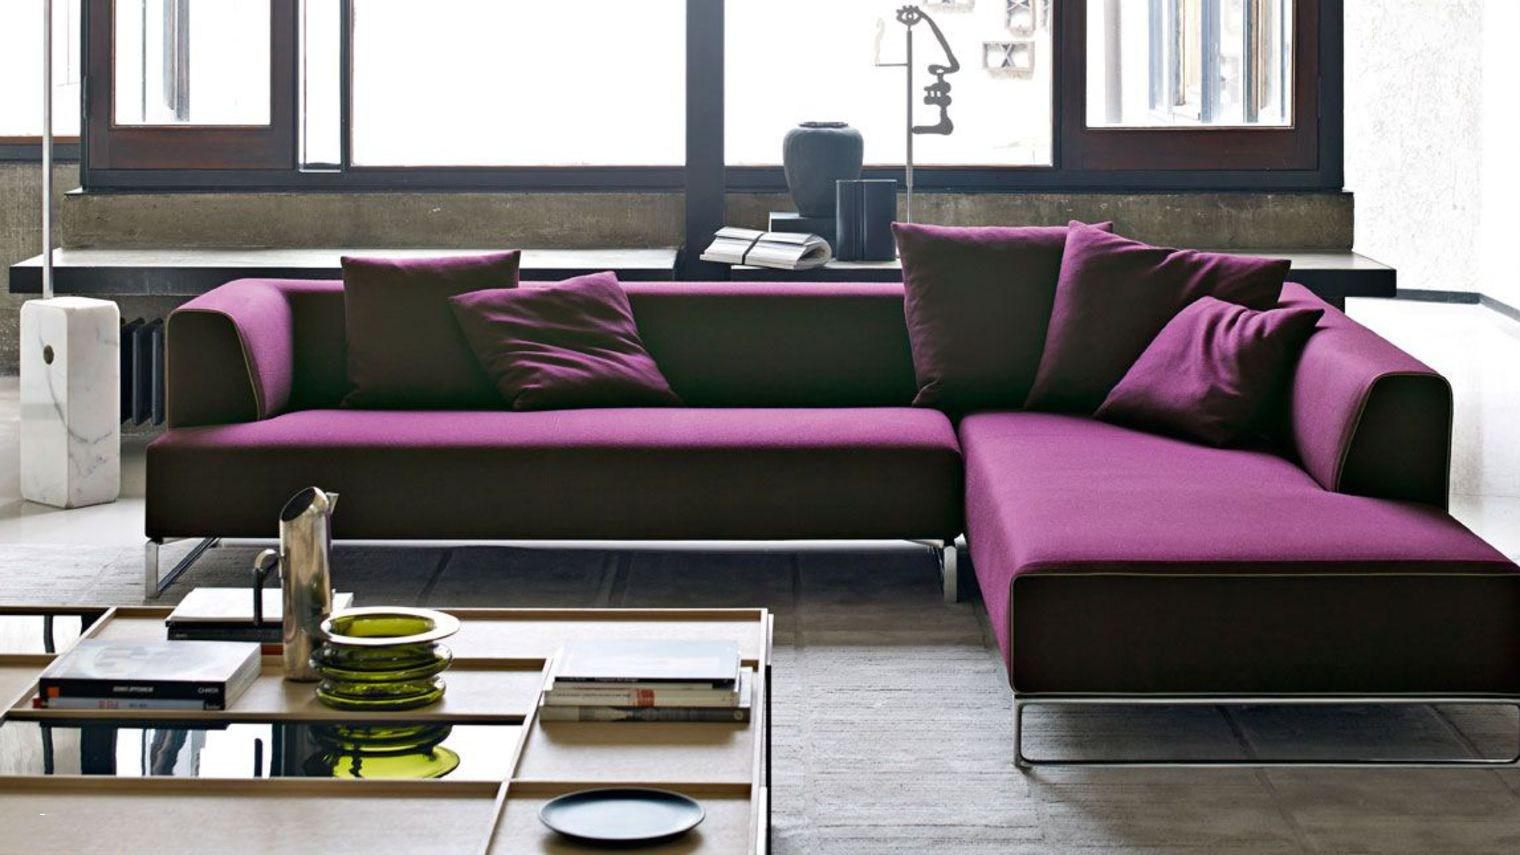 Canapé Angle but Meilleur De Photographie 27 Incroyable Canapé Design Design De Maison